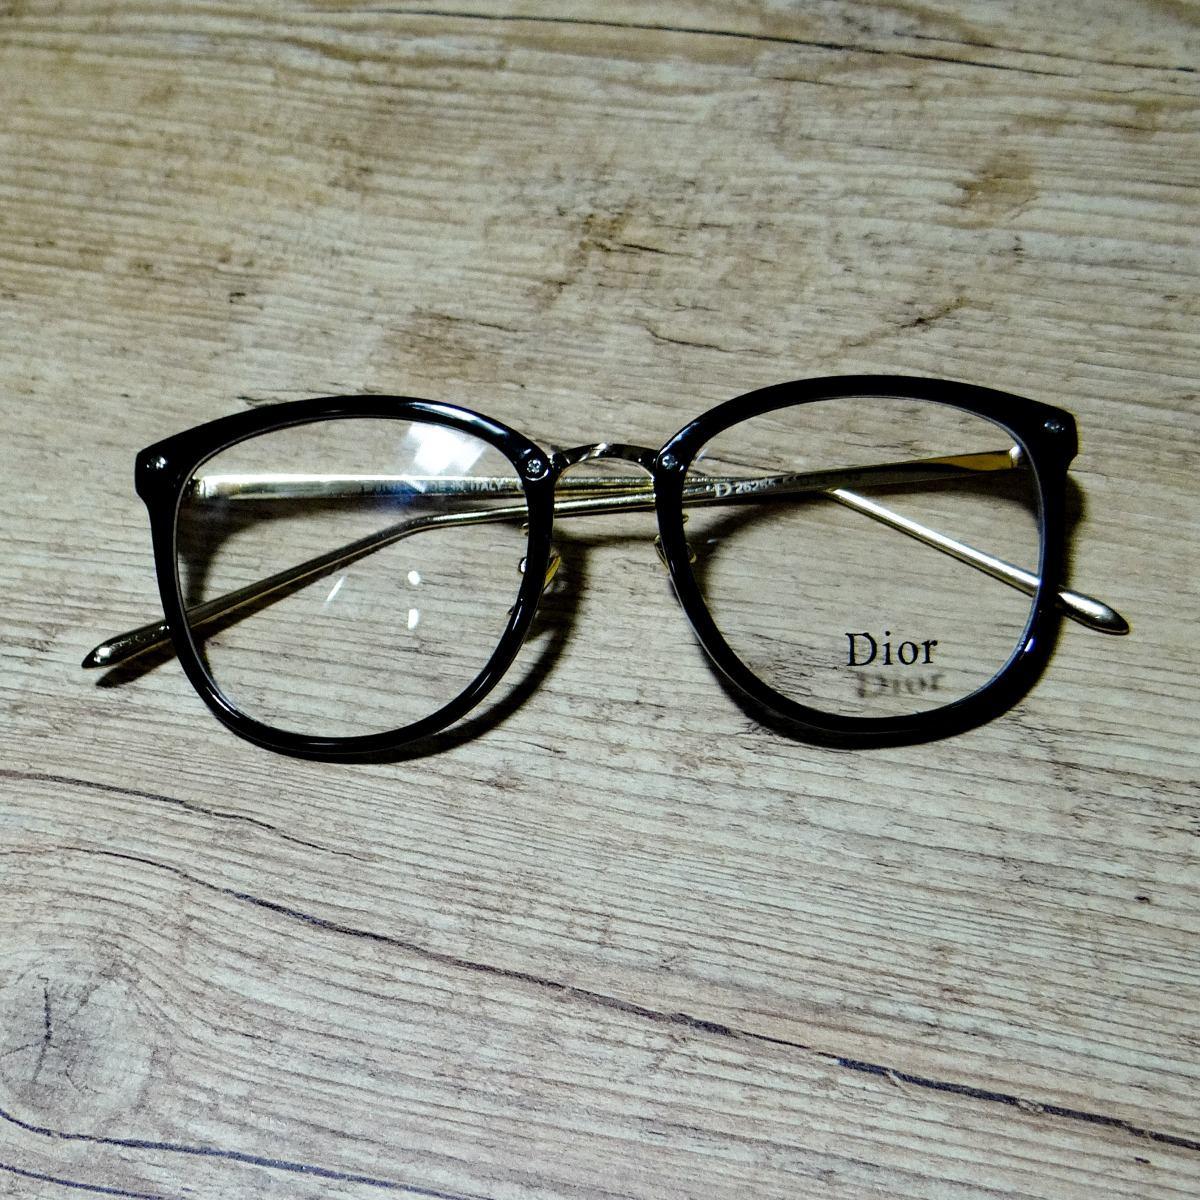 c275a7de3 Armação De Óculos Grau Dior Preto - R$ 119,00 em Mercado Livre